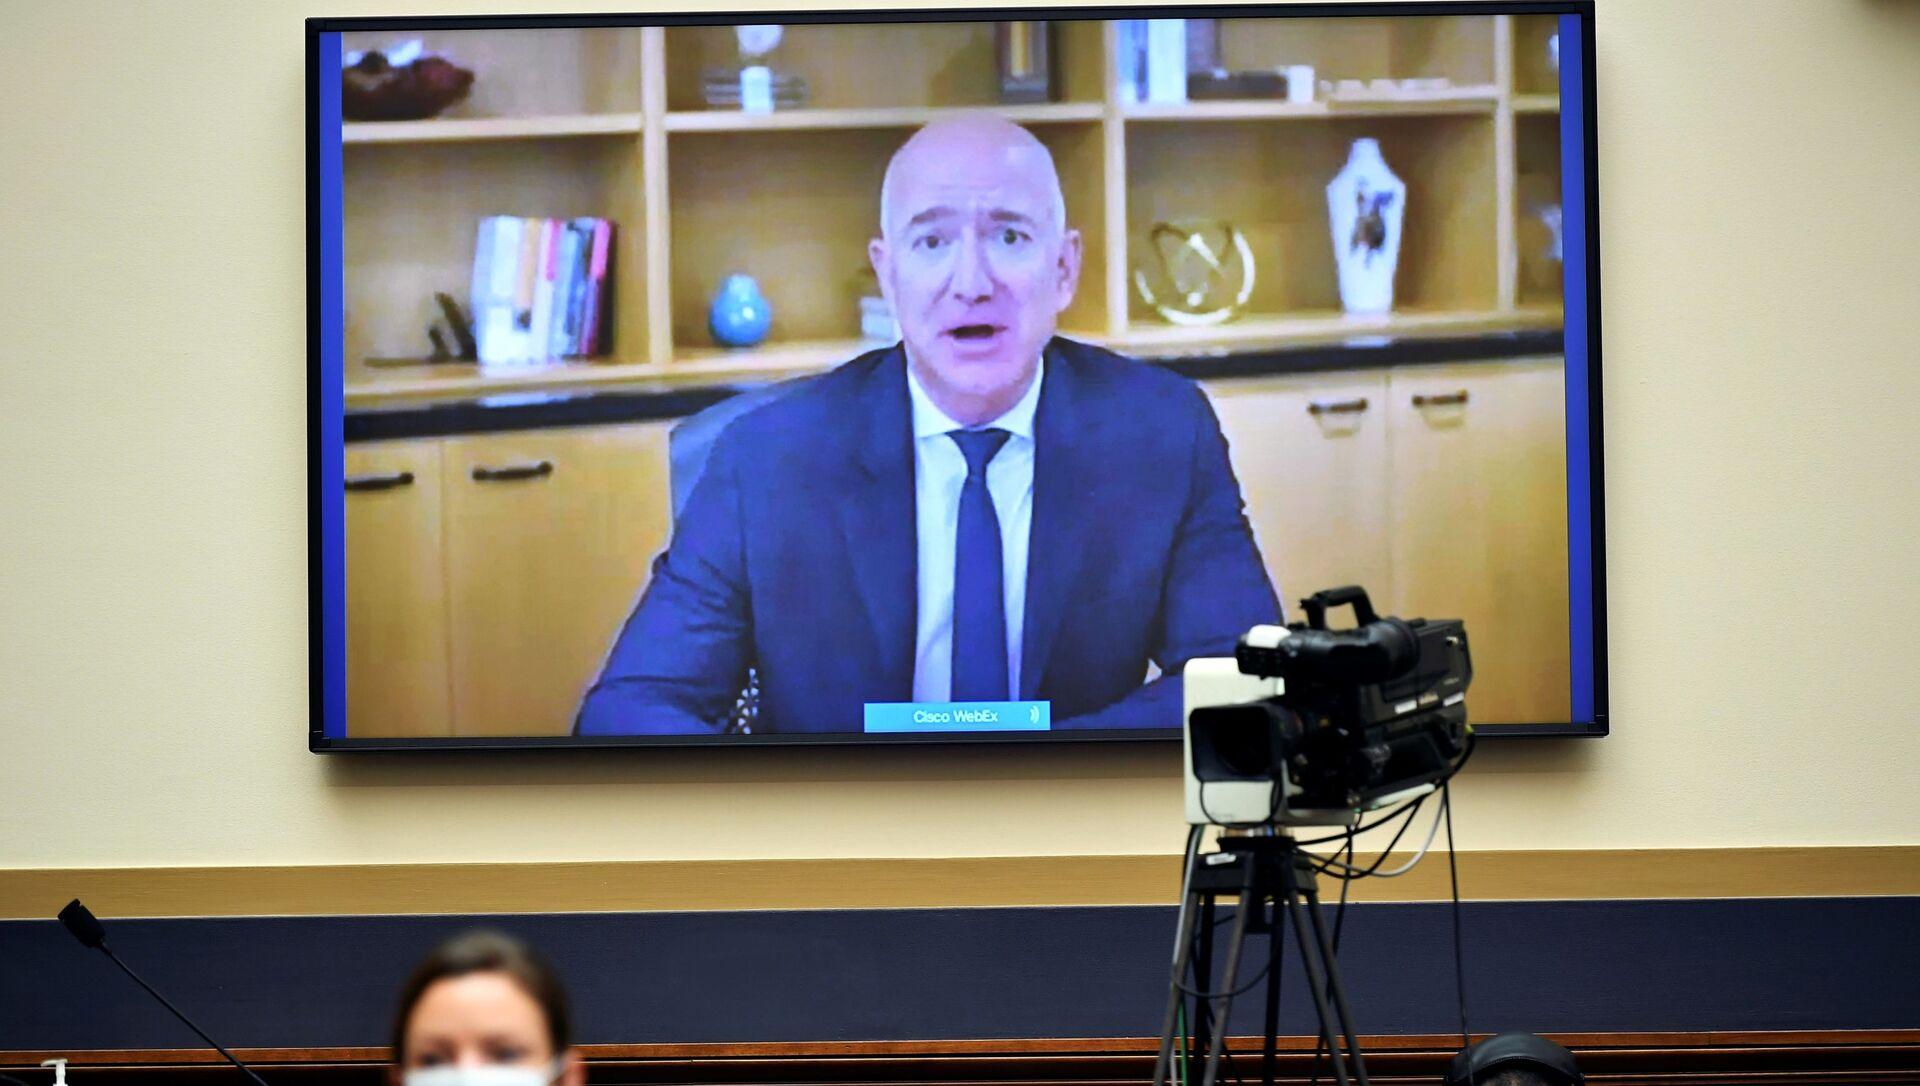 Džef Bezos svedoči pred Kongresom putem video-linka - Sputnik Srbija, 1920, 02.02.2021